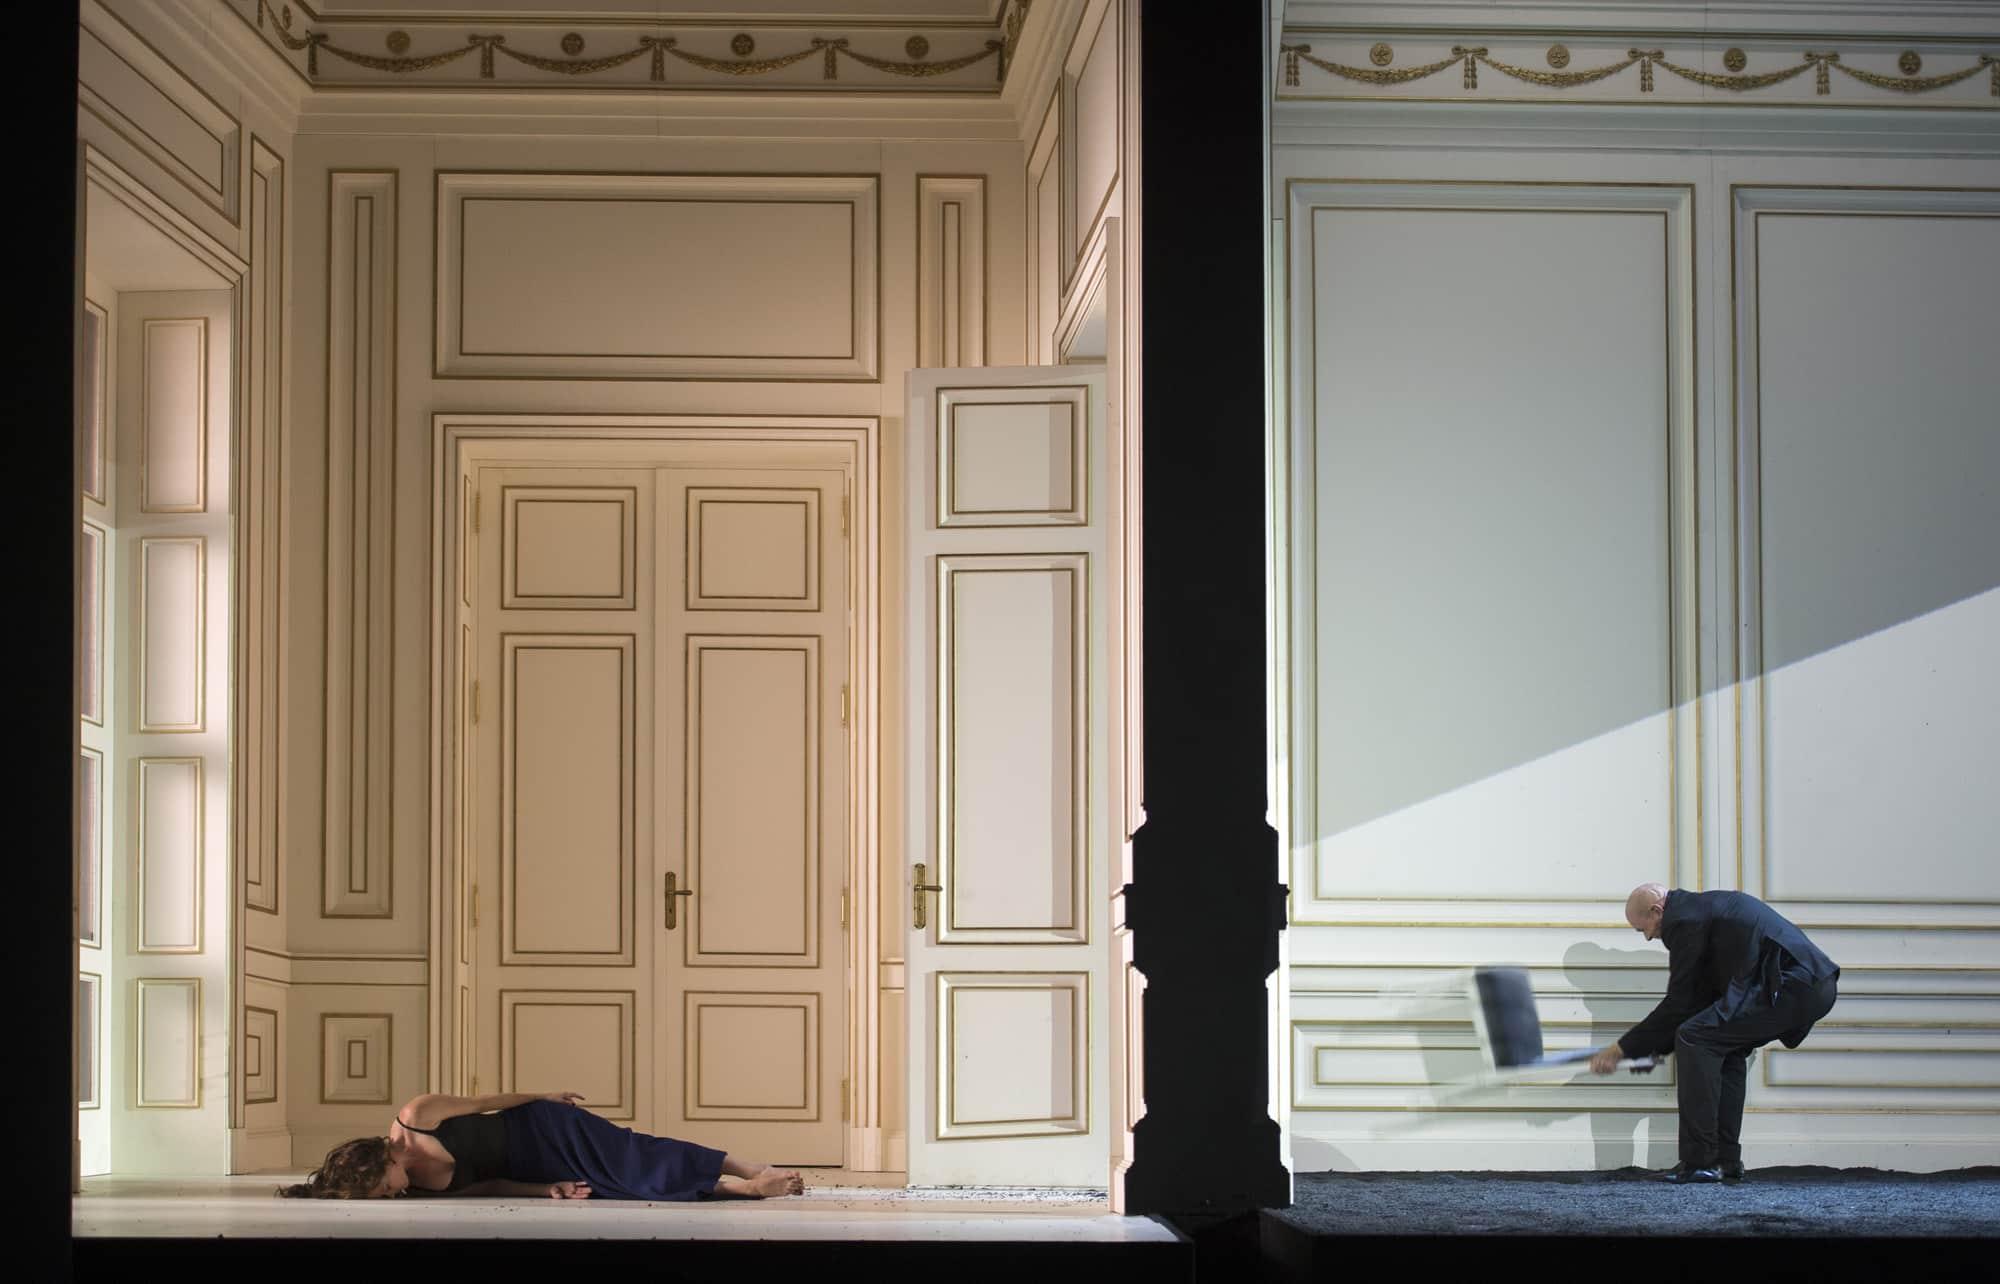 Monika_Rittershaus___Opera_national_de_Paris-Berenice-18.19-c-Monika-Rittershaus-9-